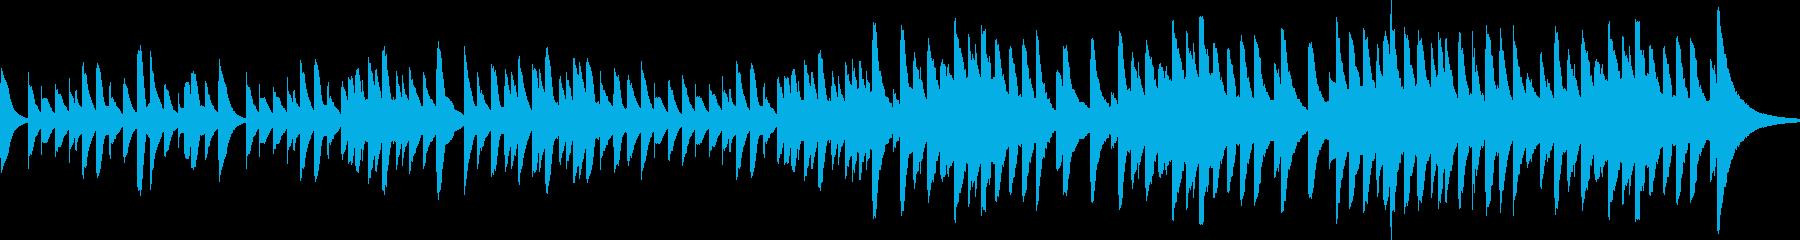 交響曲第9番「合唱付」 ベートーヴェンの再生済みの波形